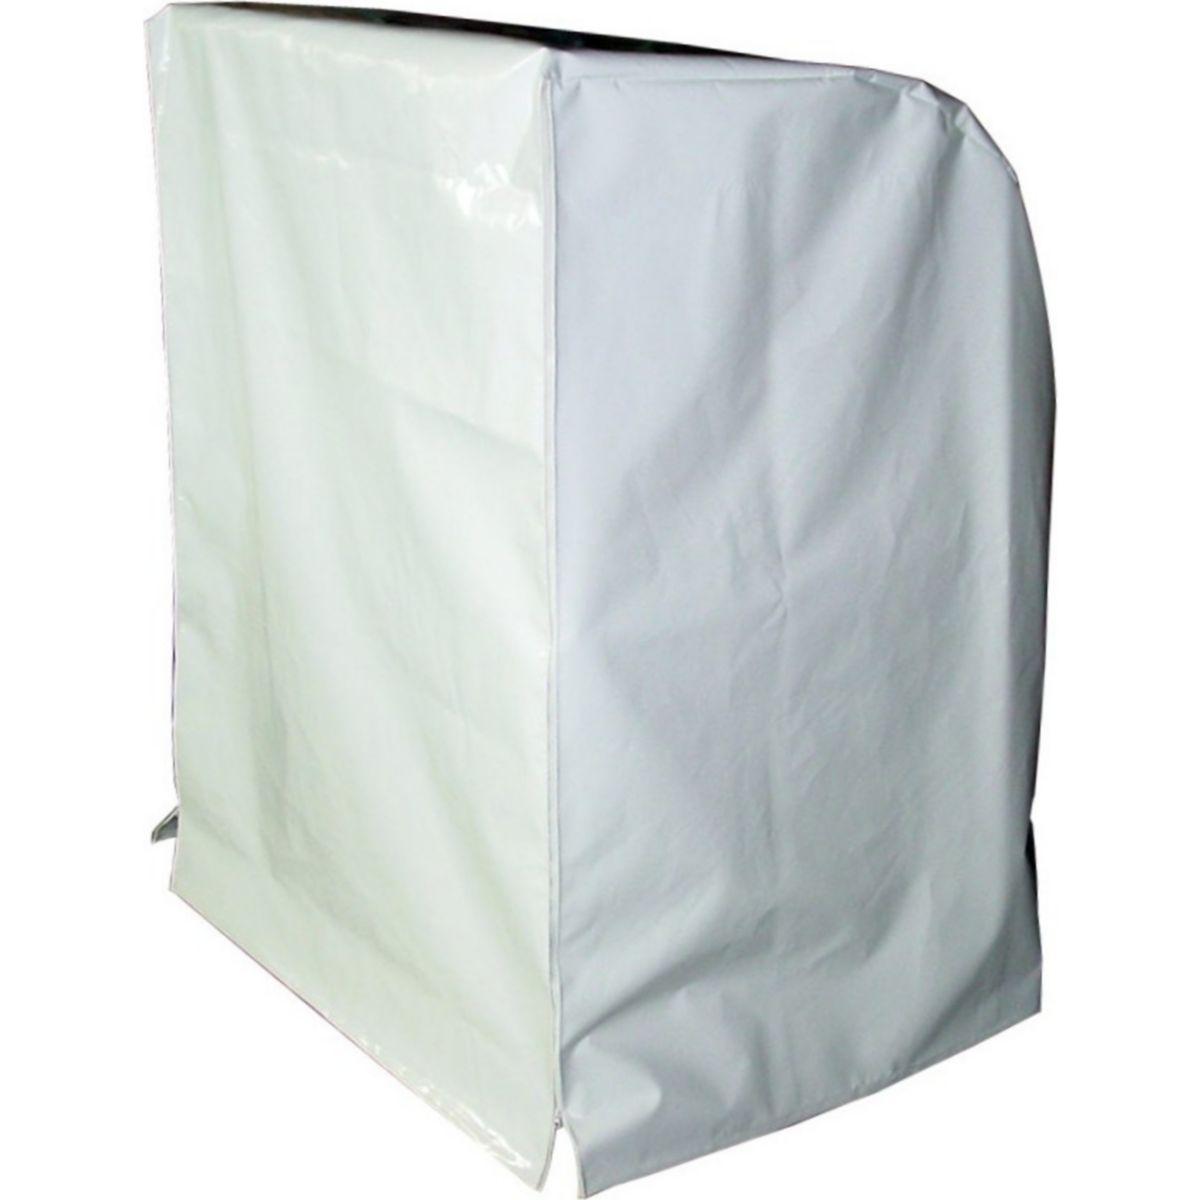 Strandkorbhülle XL Spezial - Weiß jetztbilligerkaufen